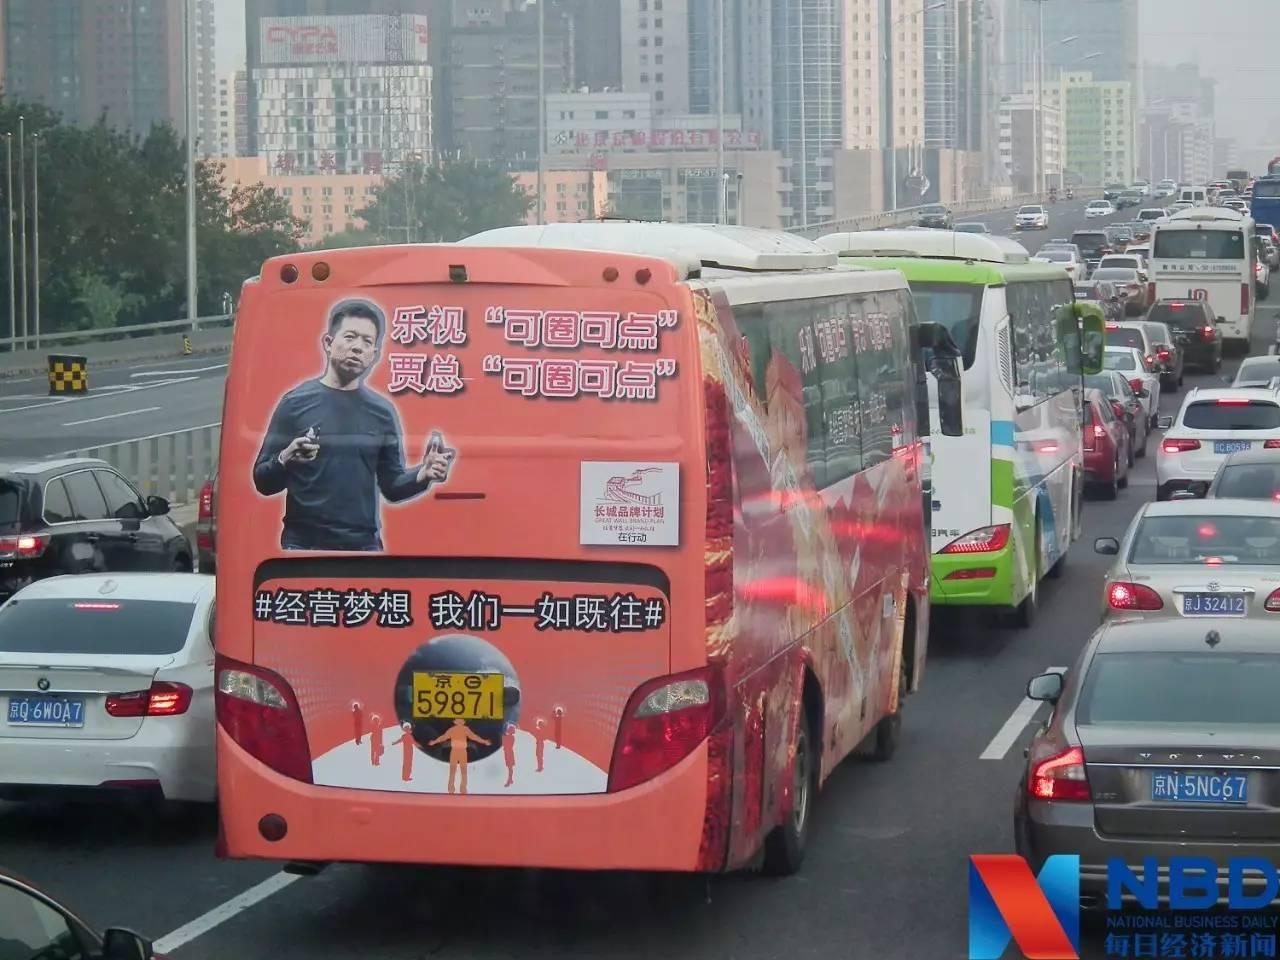 ▲7月18日,北京,一则印着贾跃亭的车身广告。来源:视觉中国